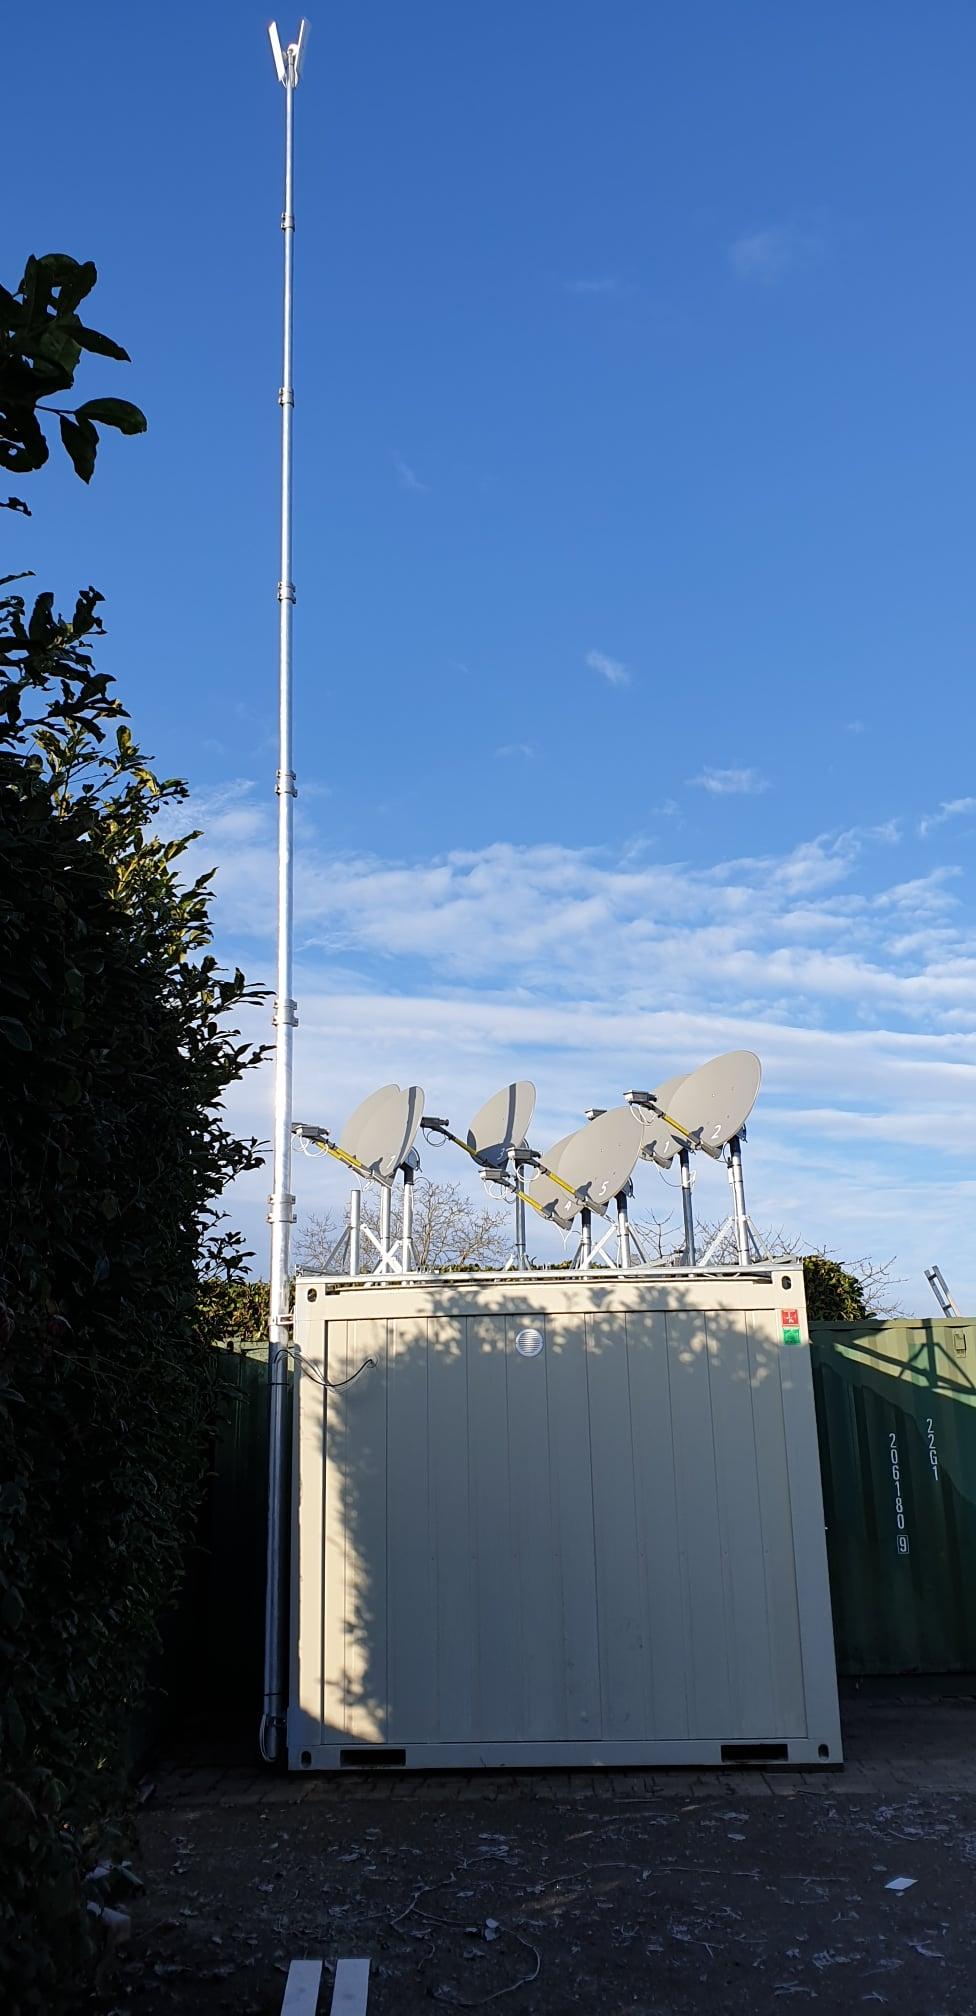 satspeed WiFi Ortsnetzausbau WLAN Basis Mast